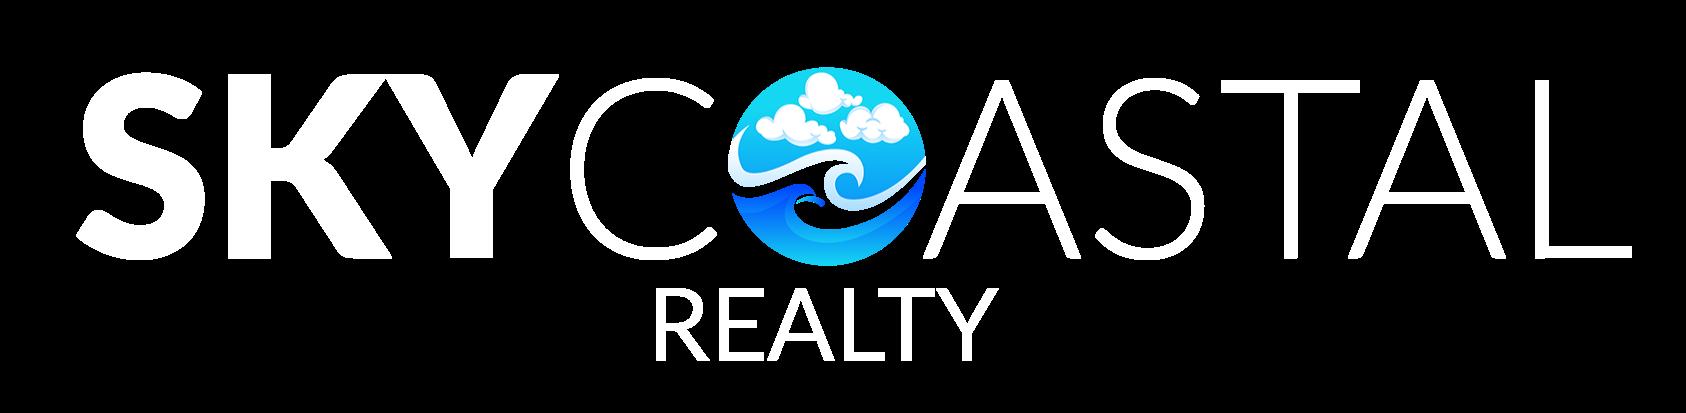 Sky Coastal Realty Sky Coastal Realty